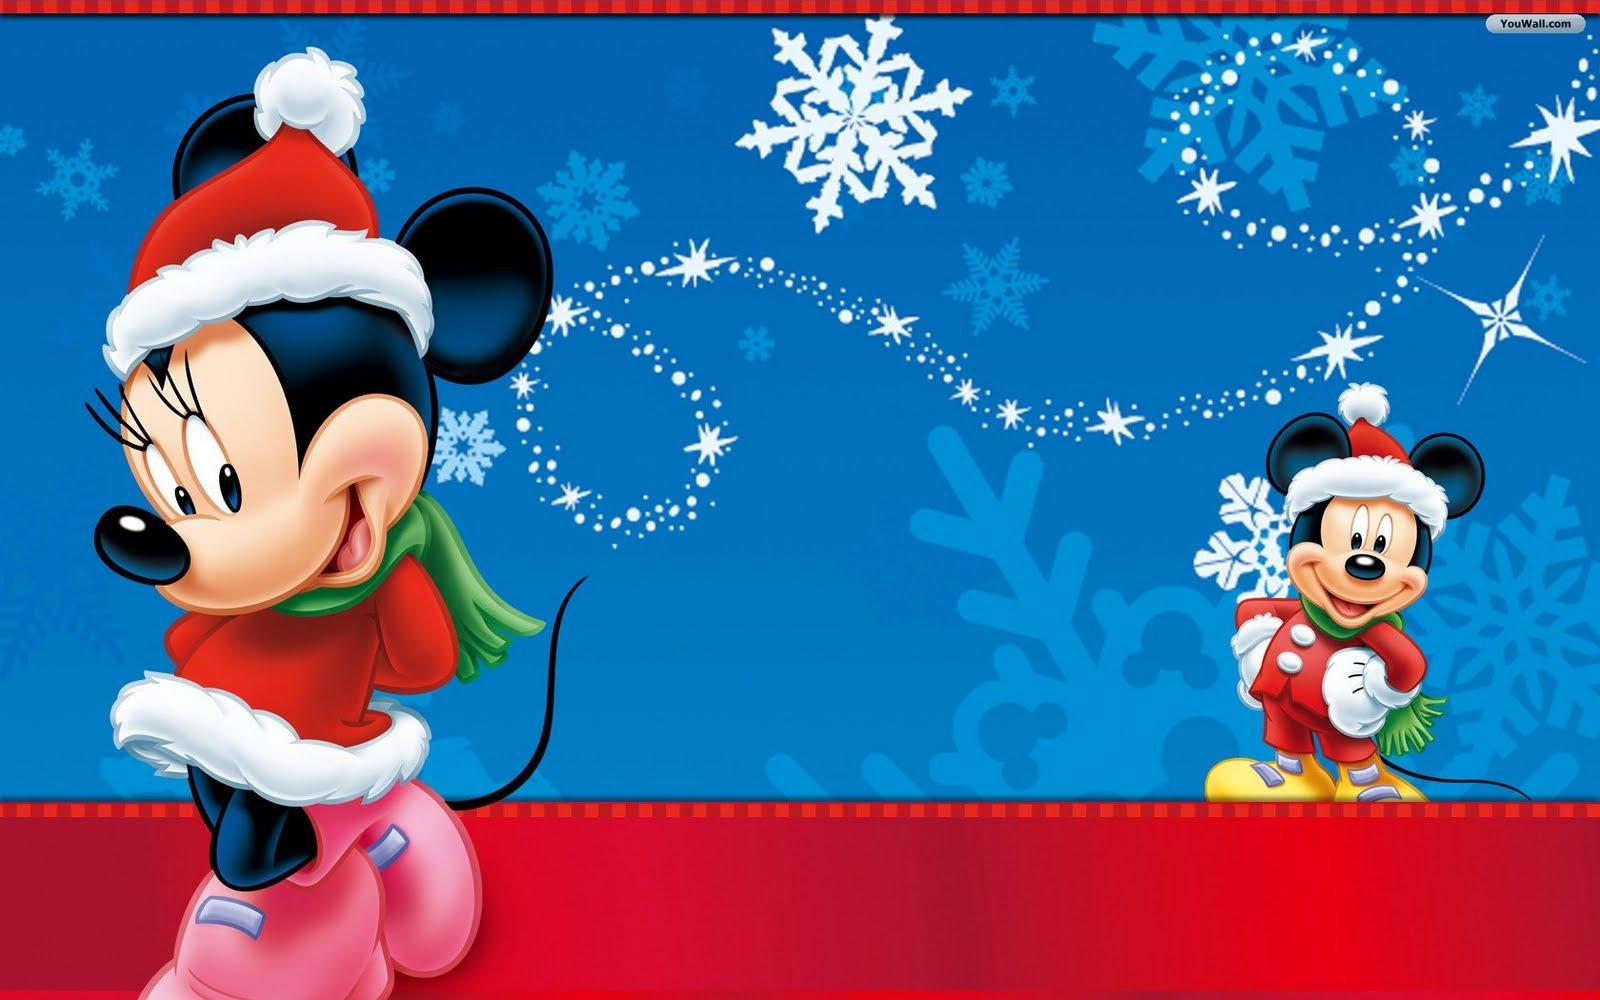 http://3.bp.blogspot.com/--LqKSpwmO8I/TuWPkfVGCLI/AAAAAAAAChQ/ud38ljpuTV4/s1600/Mickey-Minnie-New-Year-Wallpapers.jpg